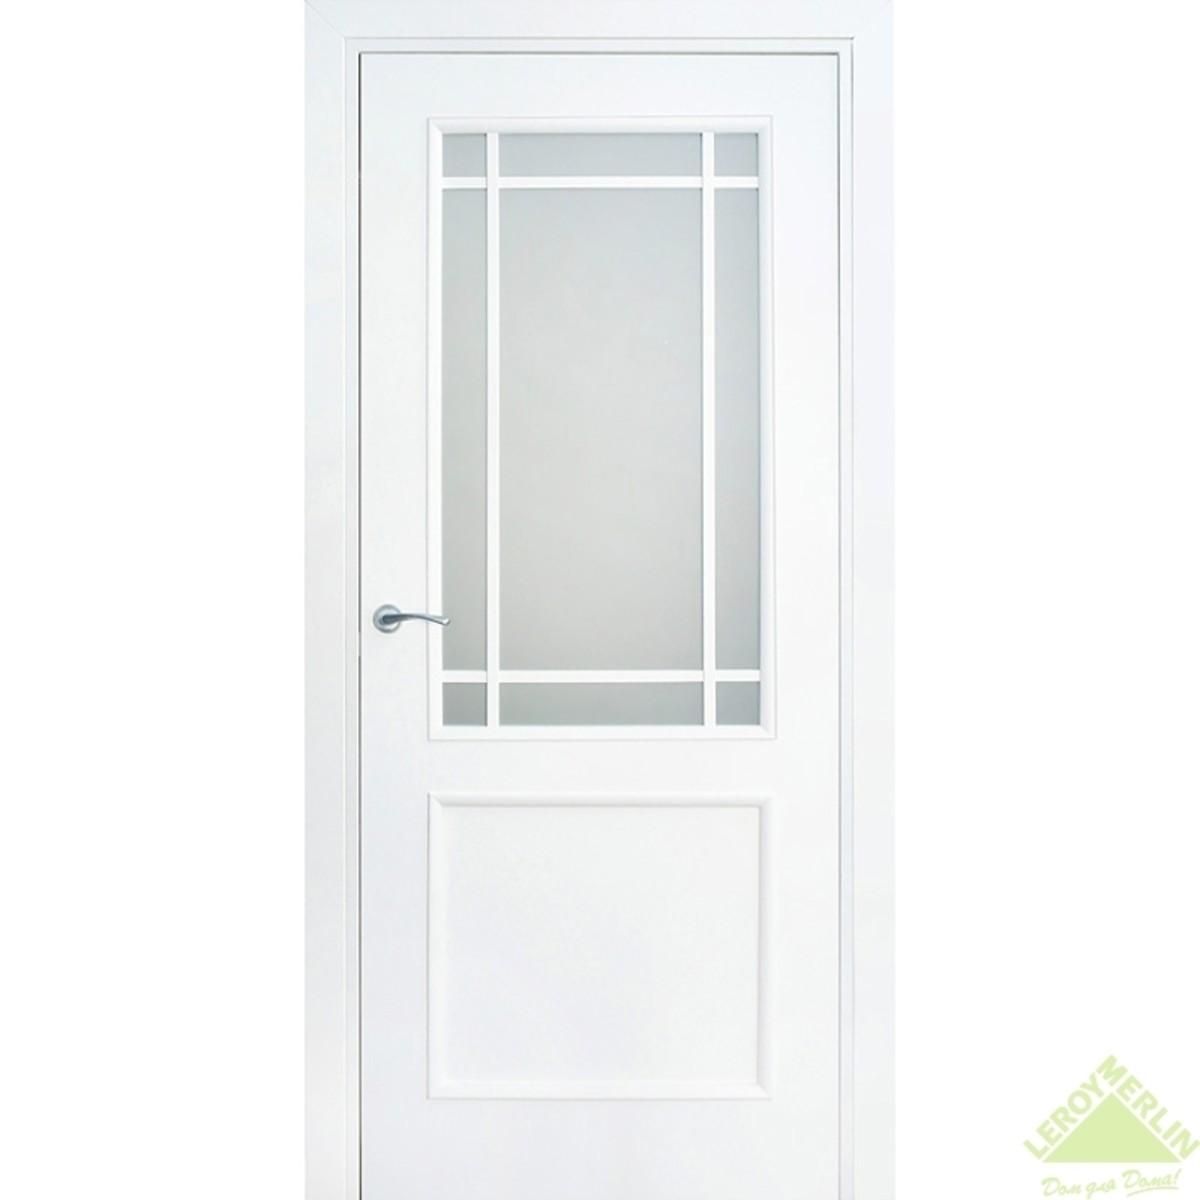 Дверь межкомнатная остеклённая Фортунато 819 800x2000 мм белый